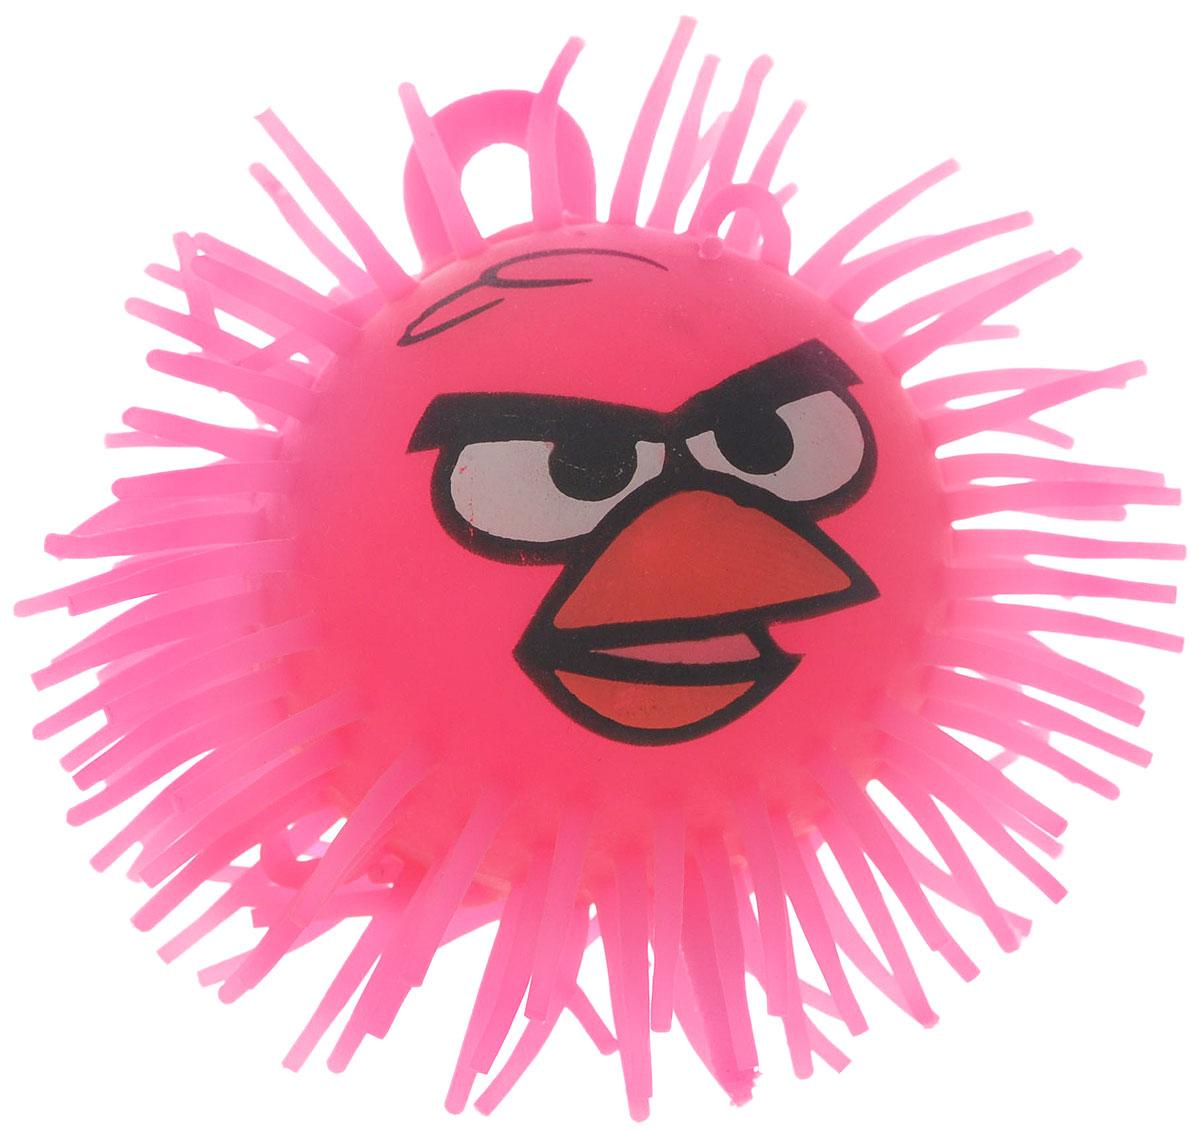 1TOY Игрушка-антистресс Ё-Ёжик Злая птичка цвет розовый диаметр 9 см злая птица ё ёжик со светомт56233